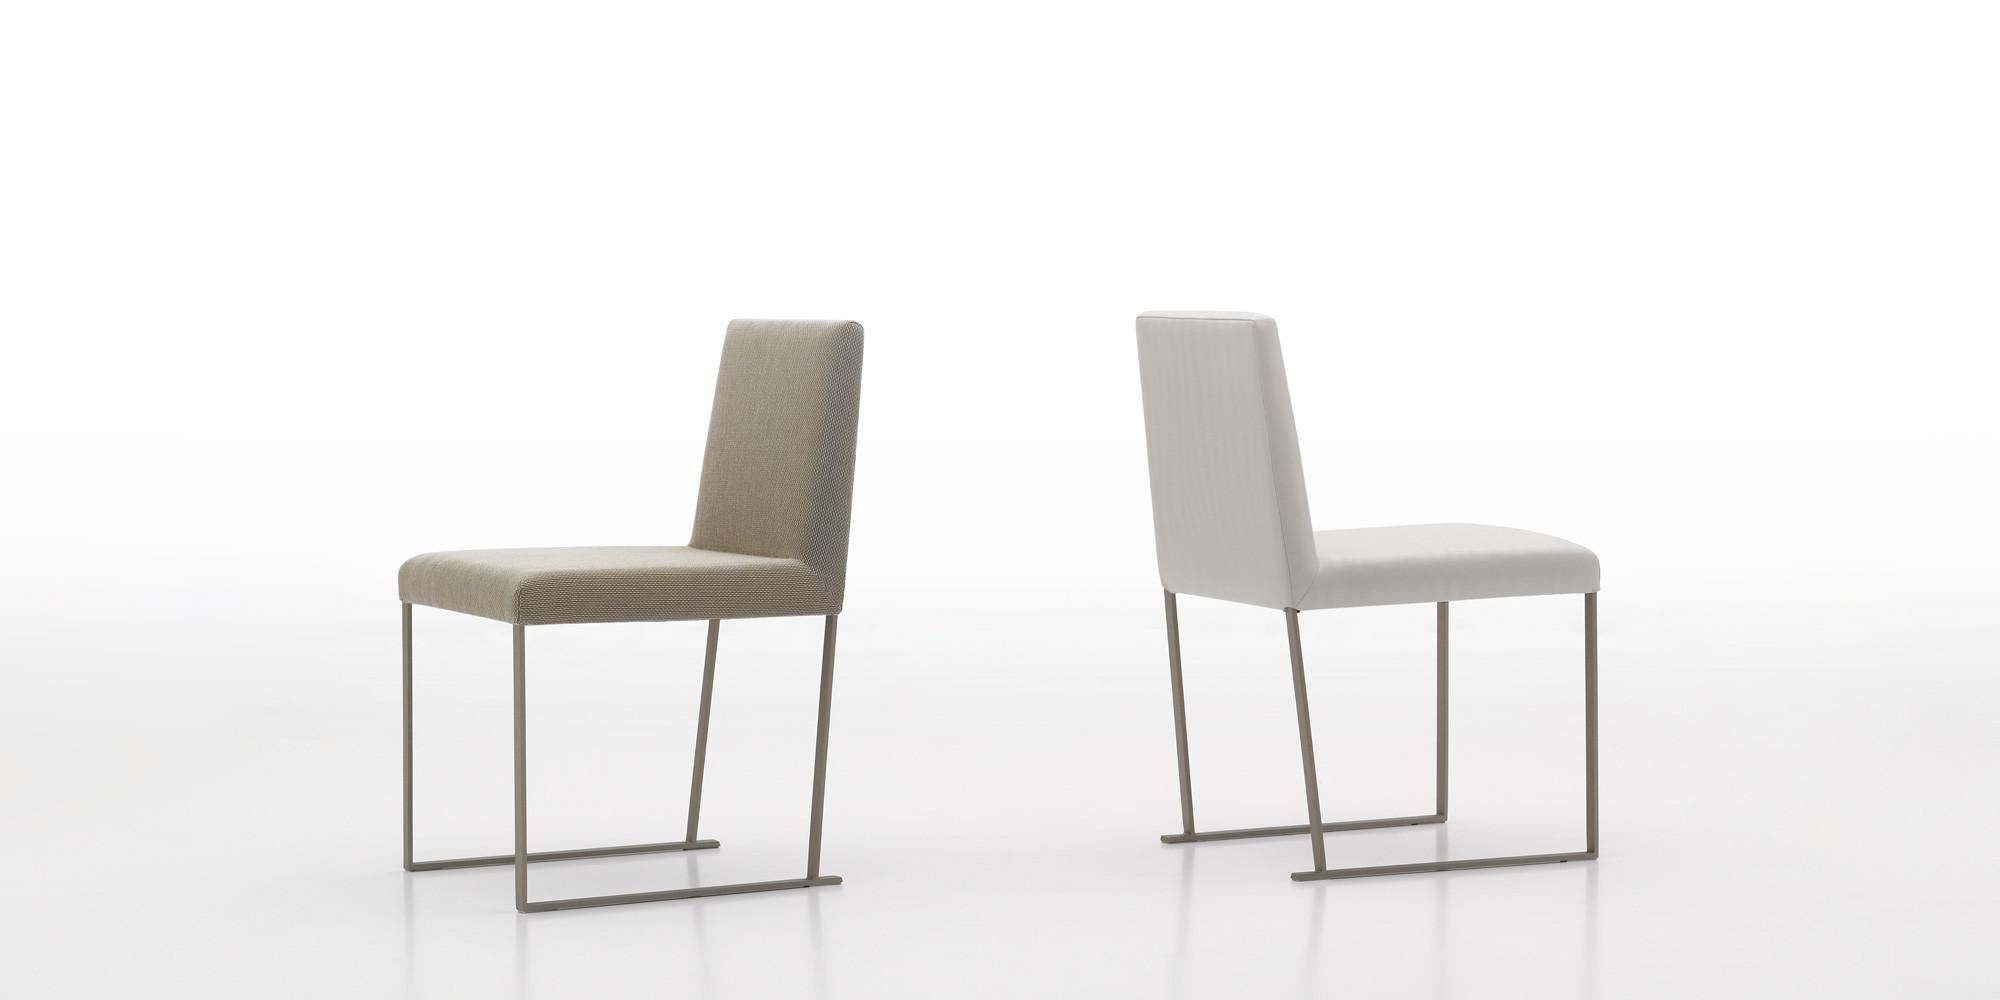 欧式餐椅坐垫贴图